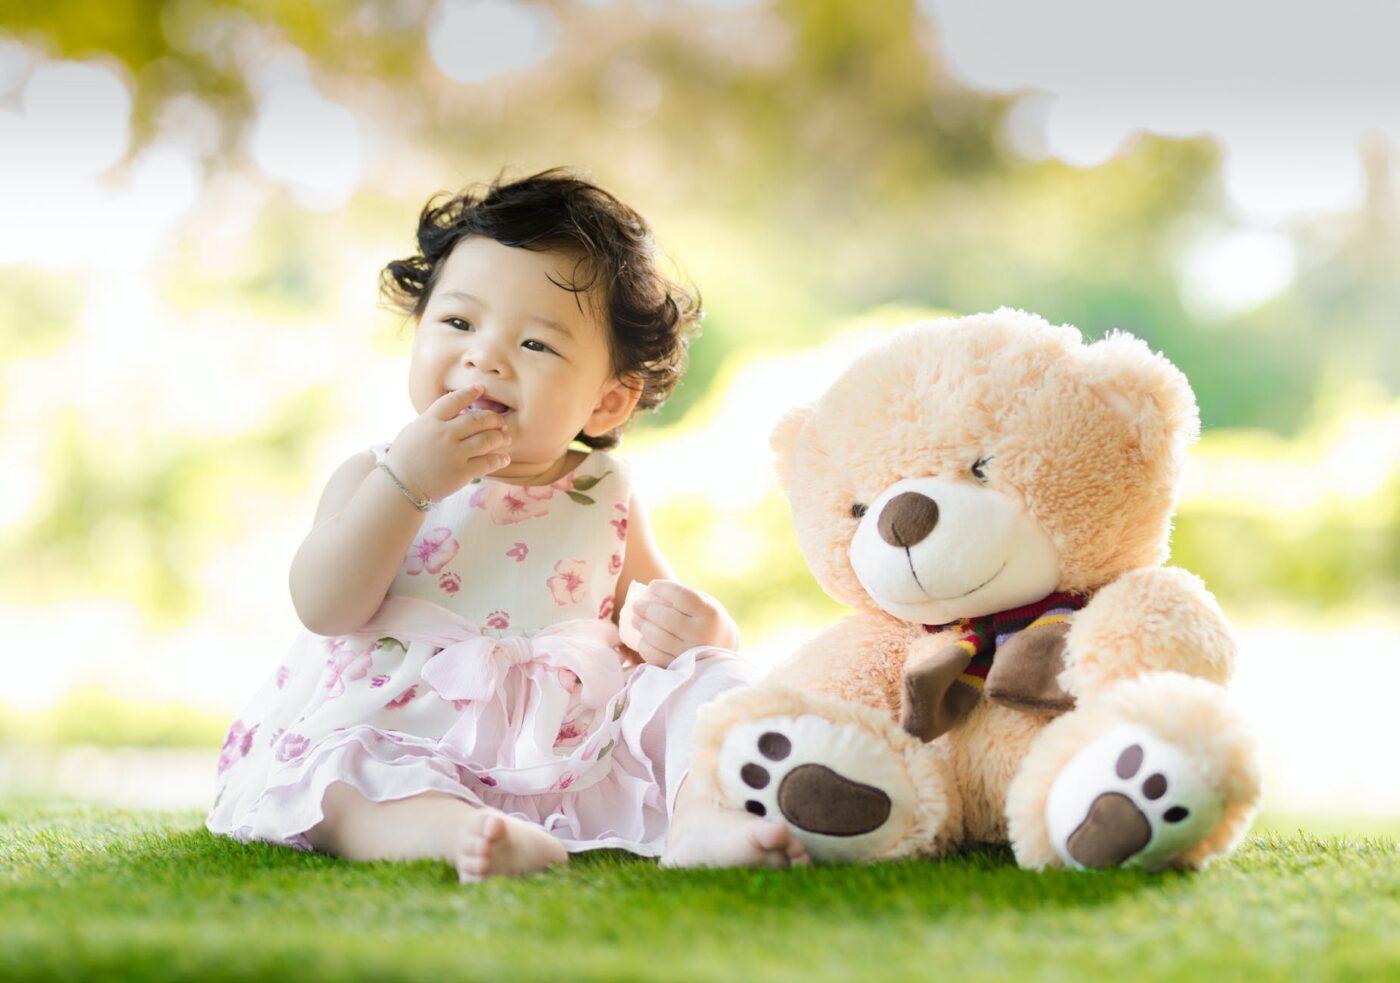 Chia sẻ kinh nghiệm nuôi con gái bị dậy thì sớm các Mẹ nên tránh